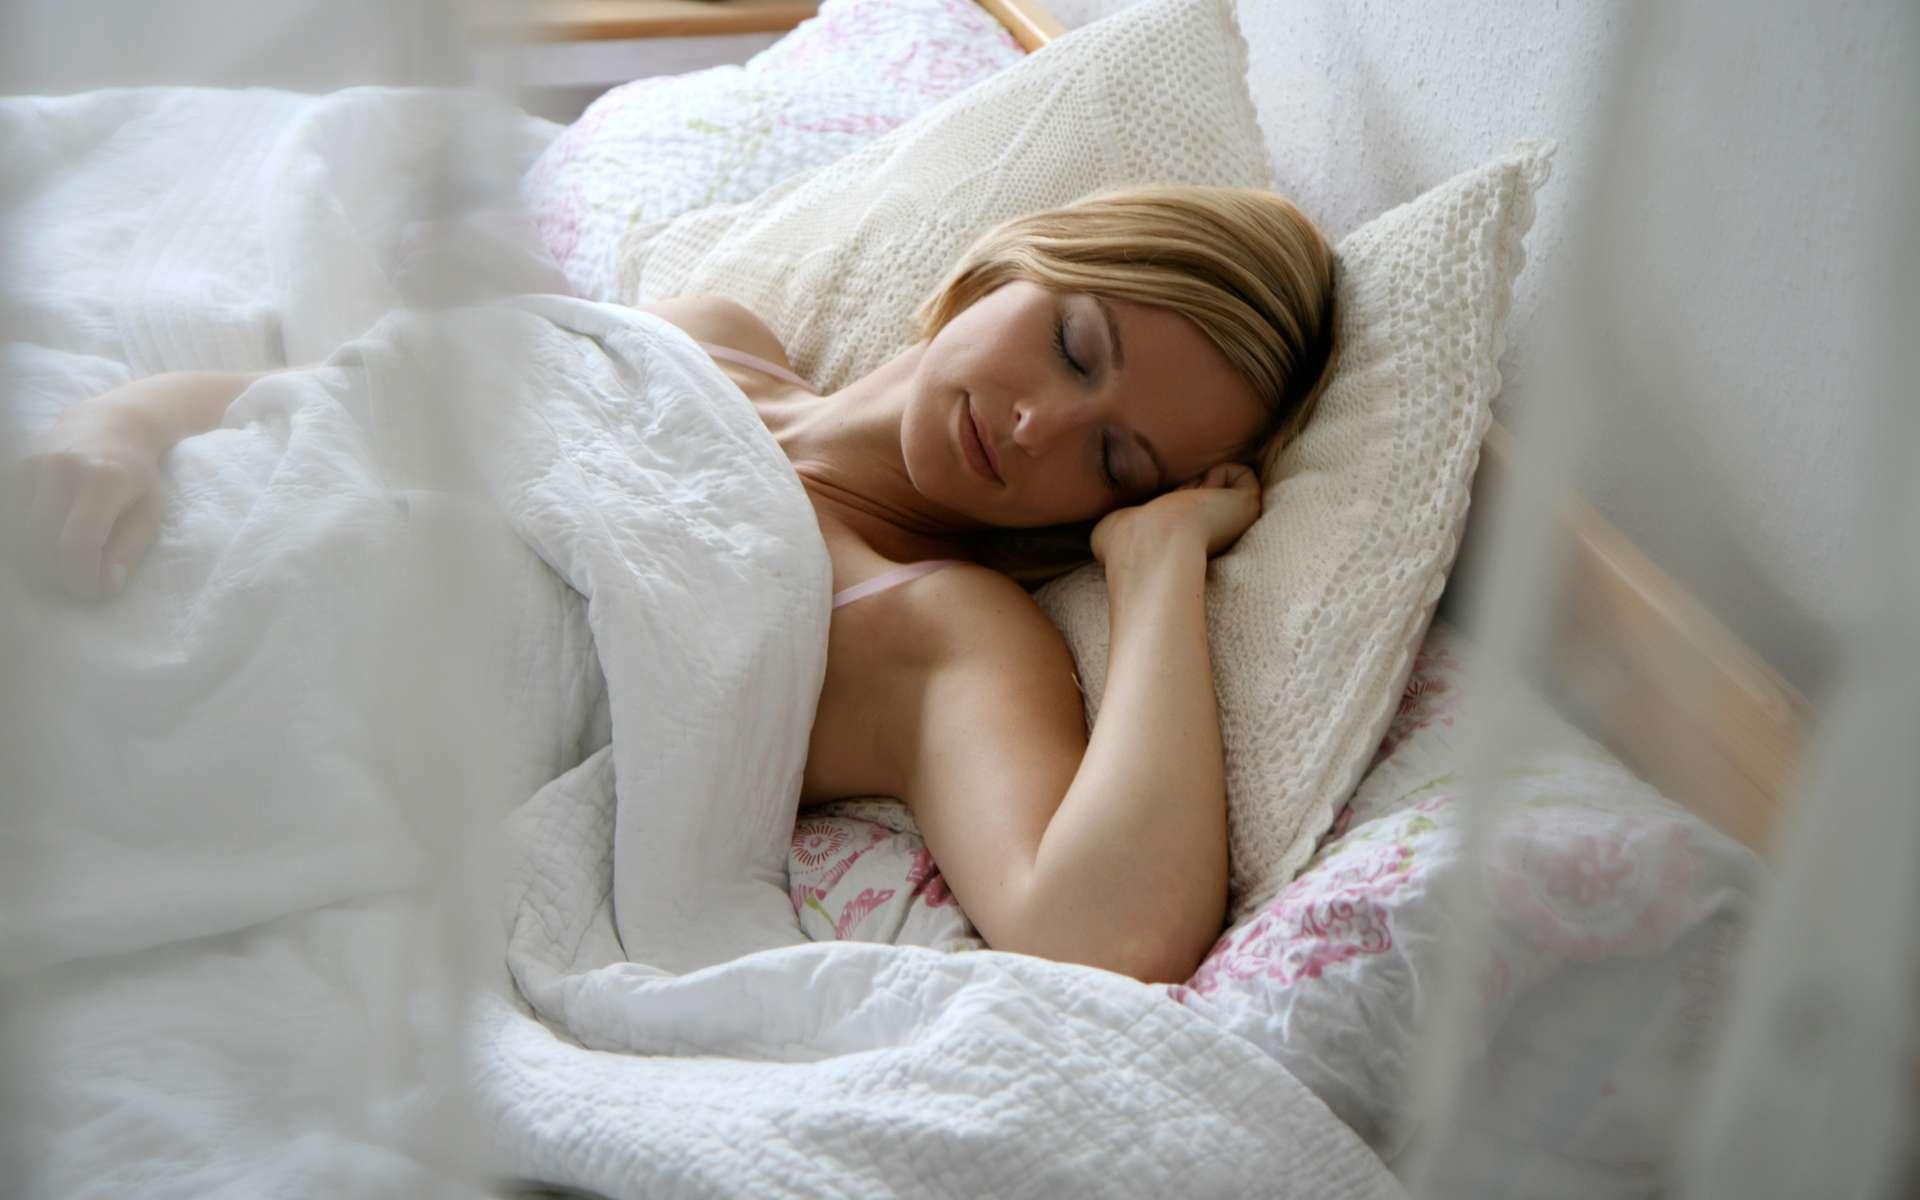 Une bonne hygiène de vie favorise le sommeil. © Fotolia